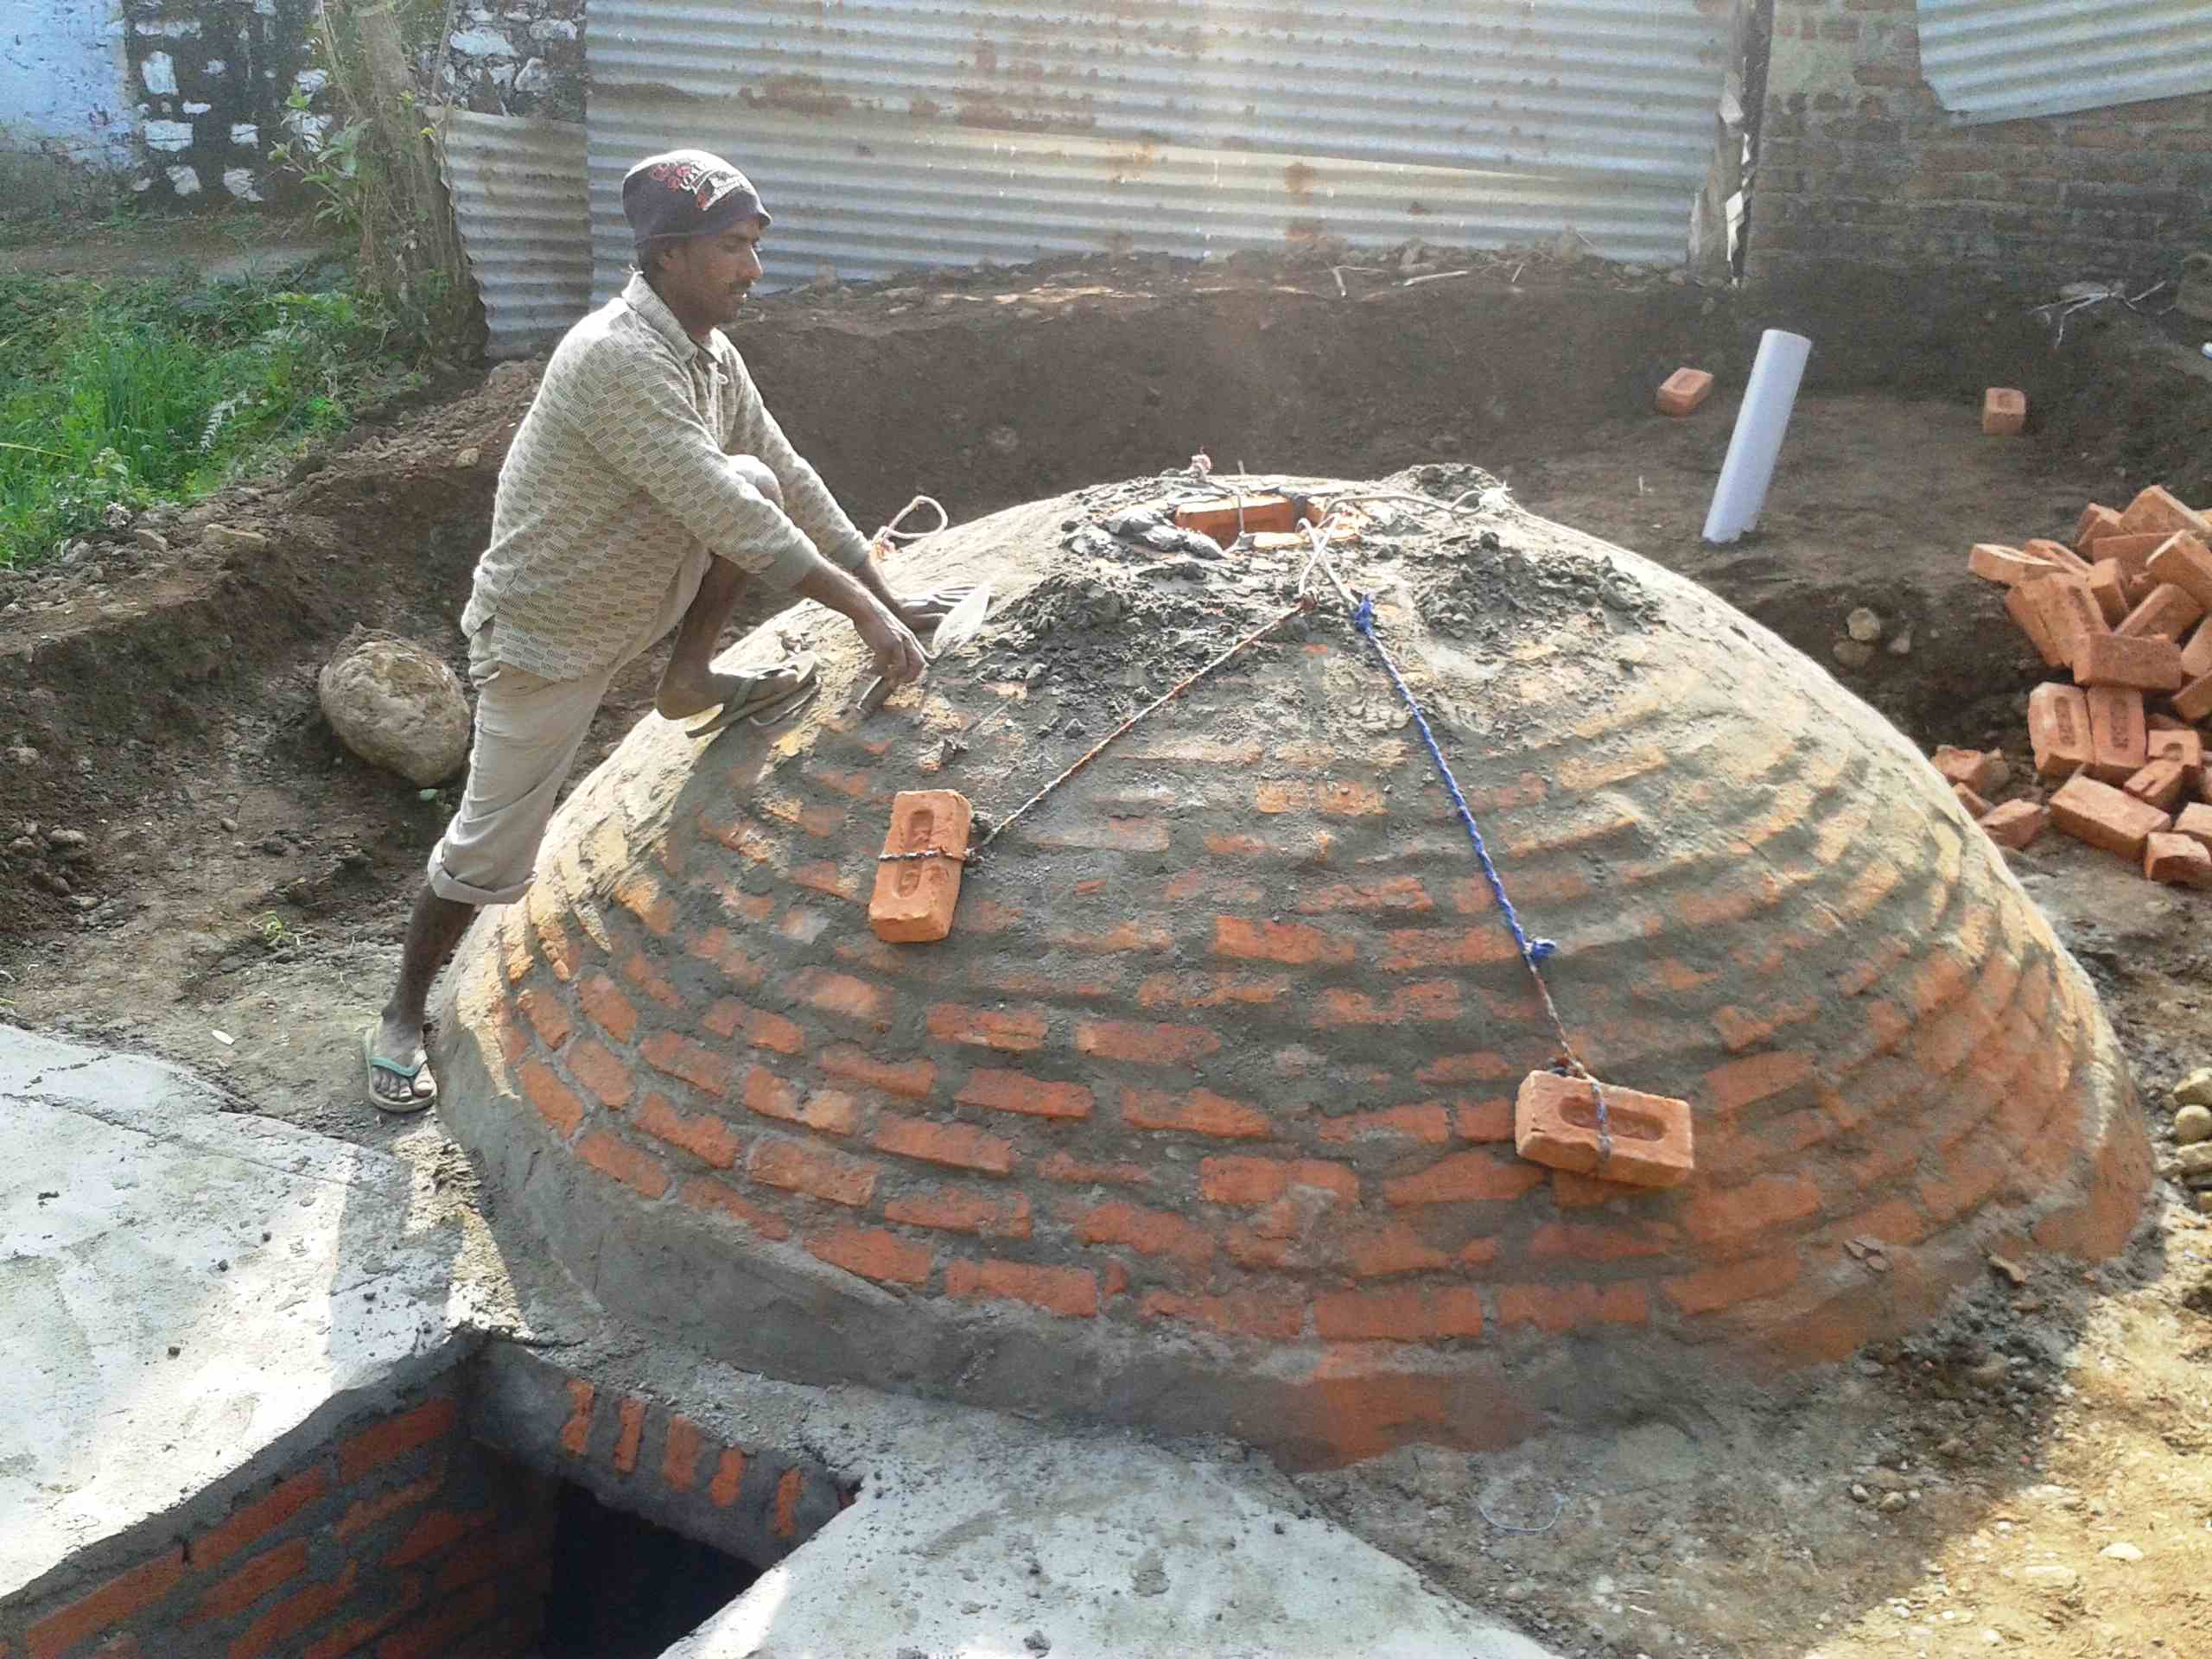 Kein moderner Ablasshandel - in eine Biogasanlage in Indien zu investieren ist eine konkrete Gegenleistung